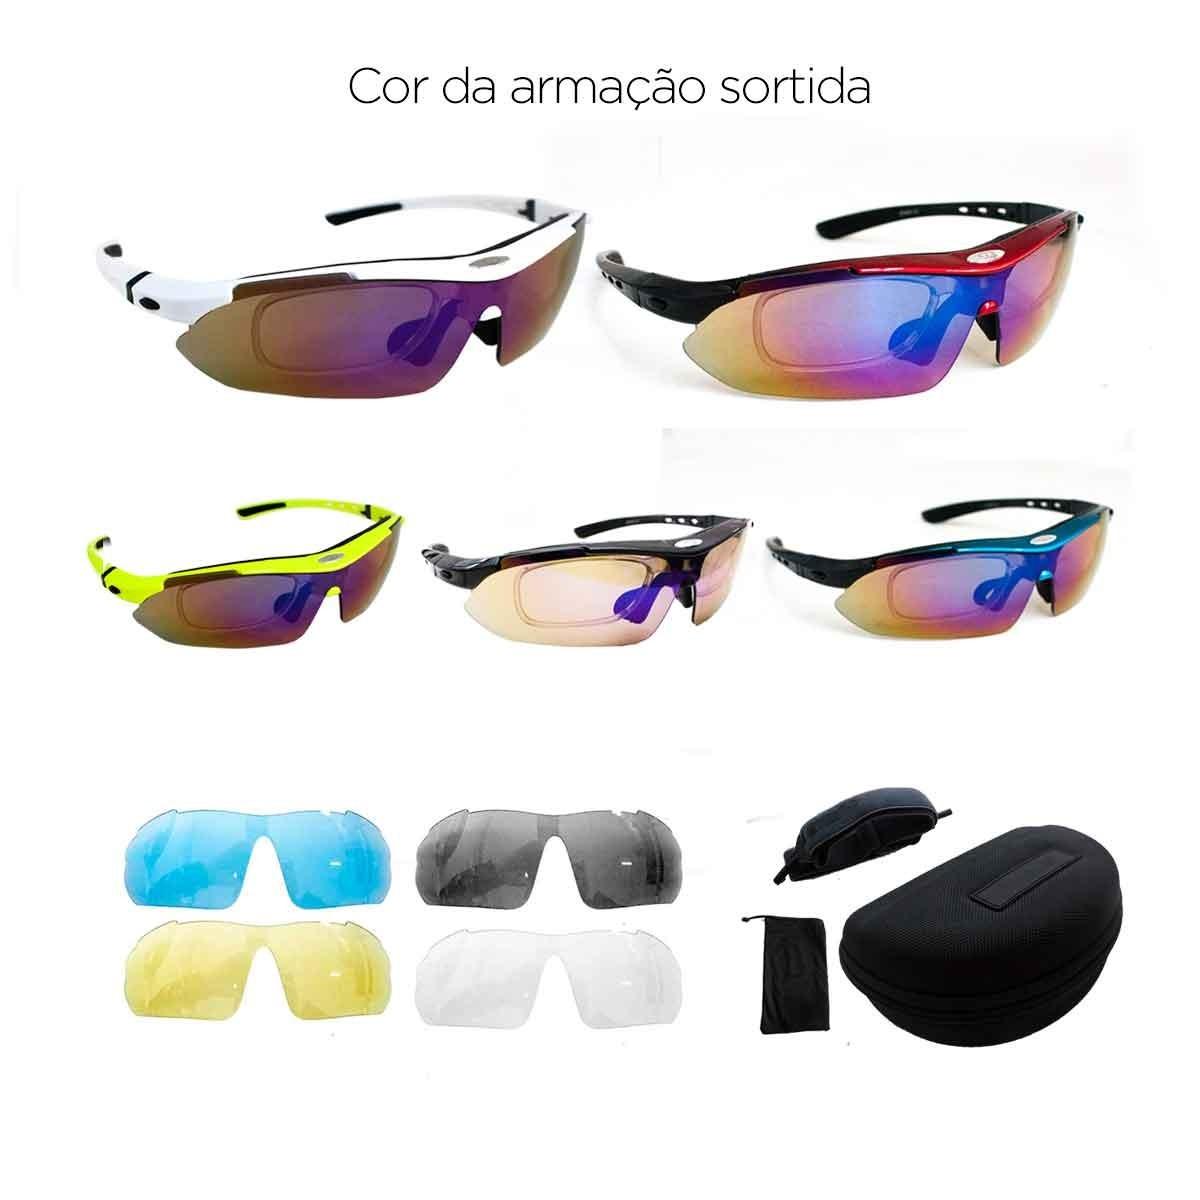 a0846a9af kit óculos ciclismo 5 lentes polarizado suporte grau bike. Carregando zoom.